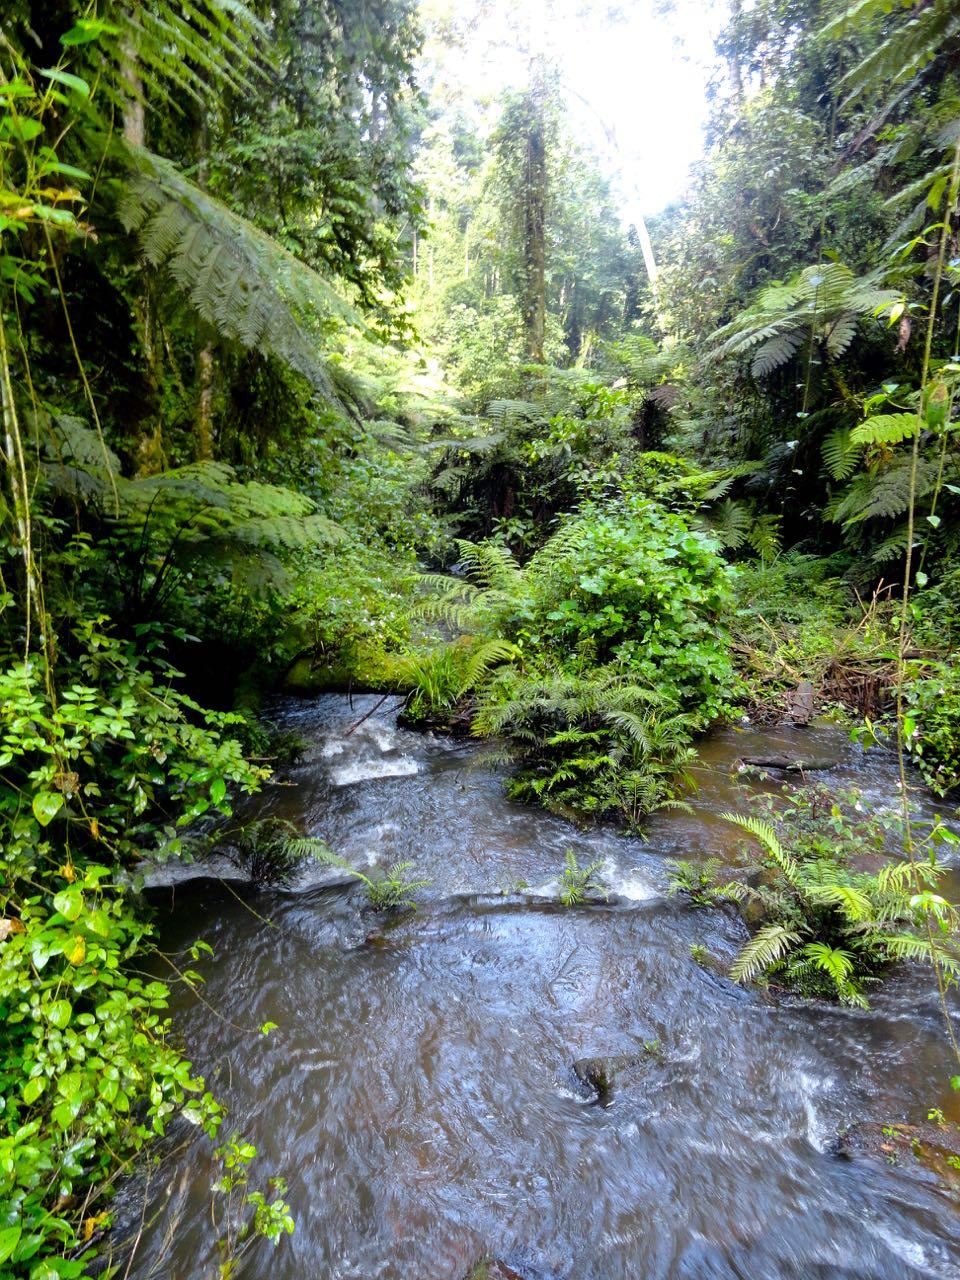 gorilla_trekking_bwindi_nationalpark_uganda_gorillas02